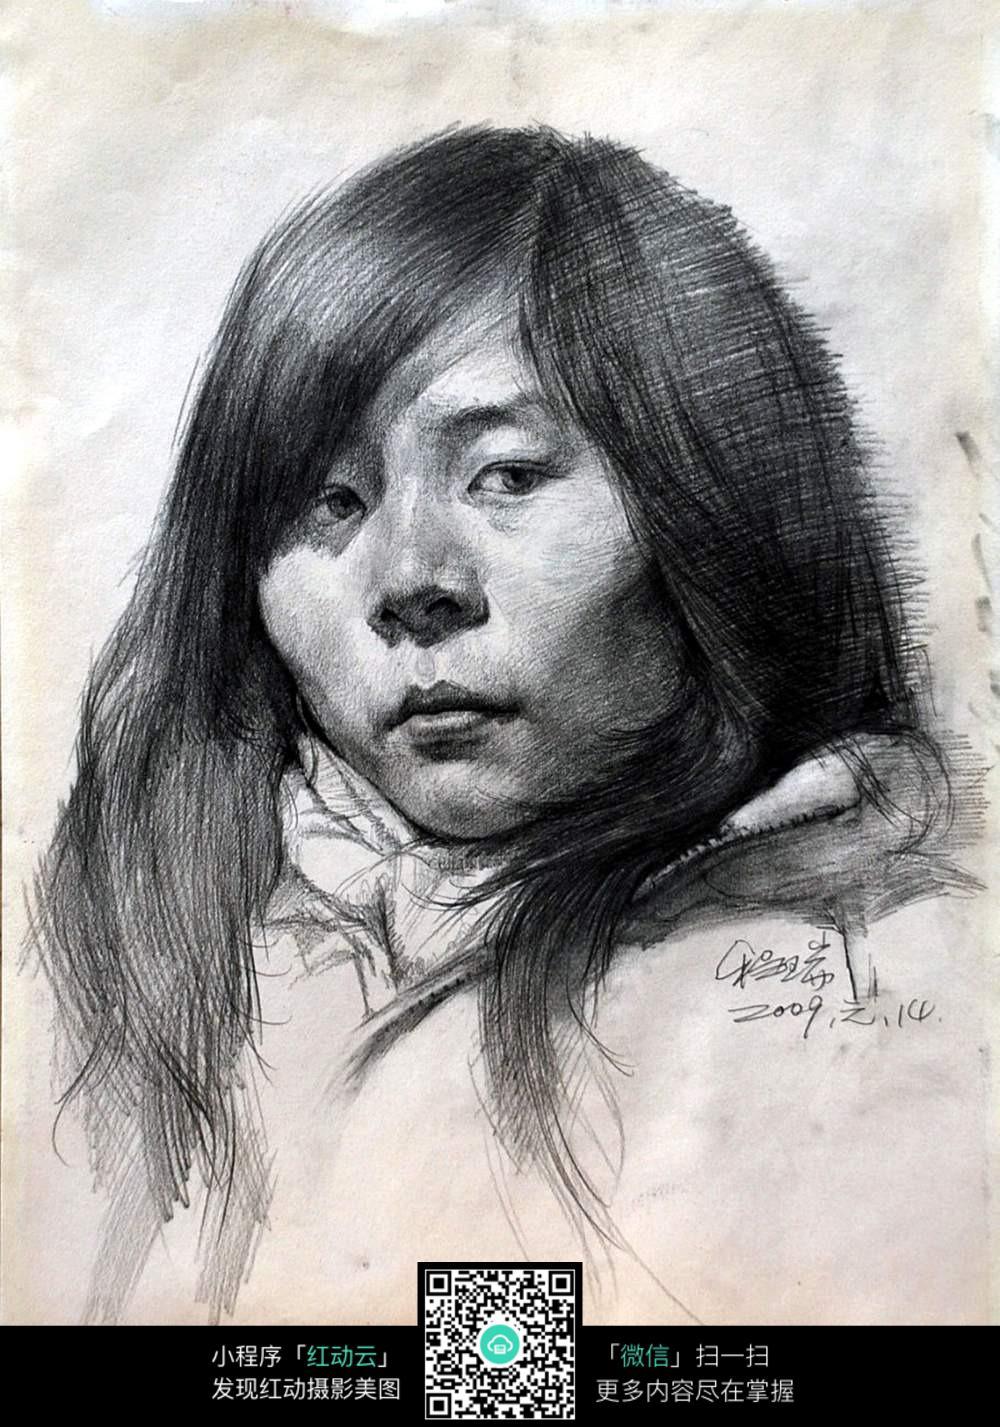 长发女孩铅笔素描像